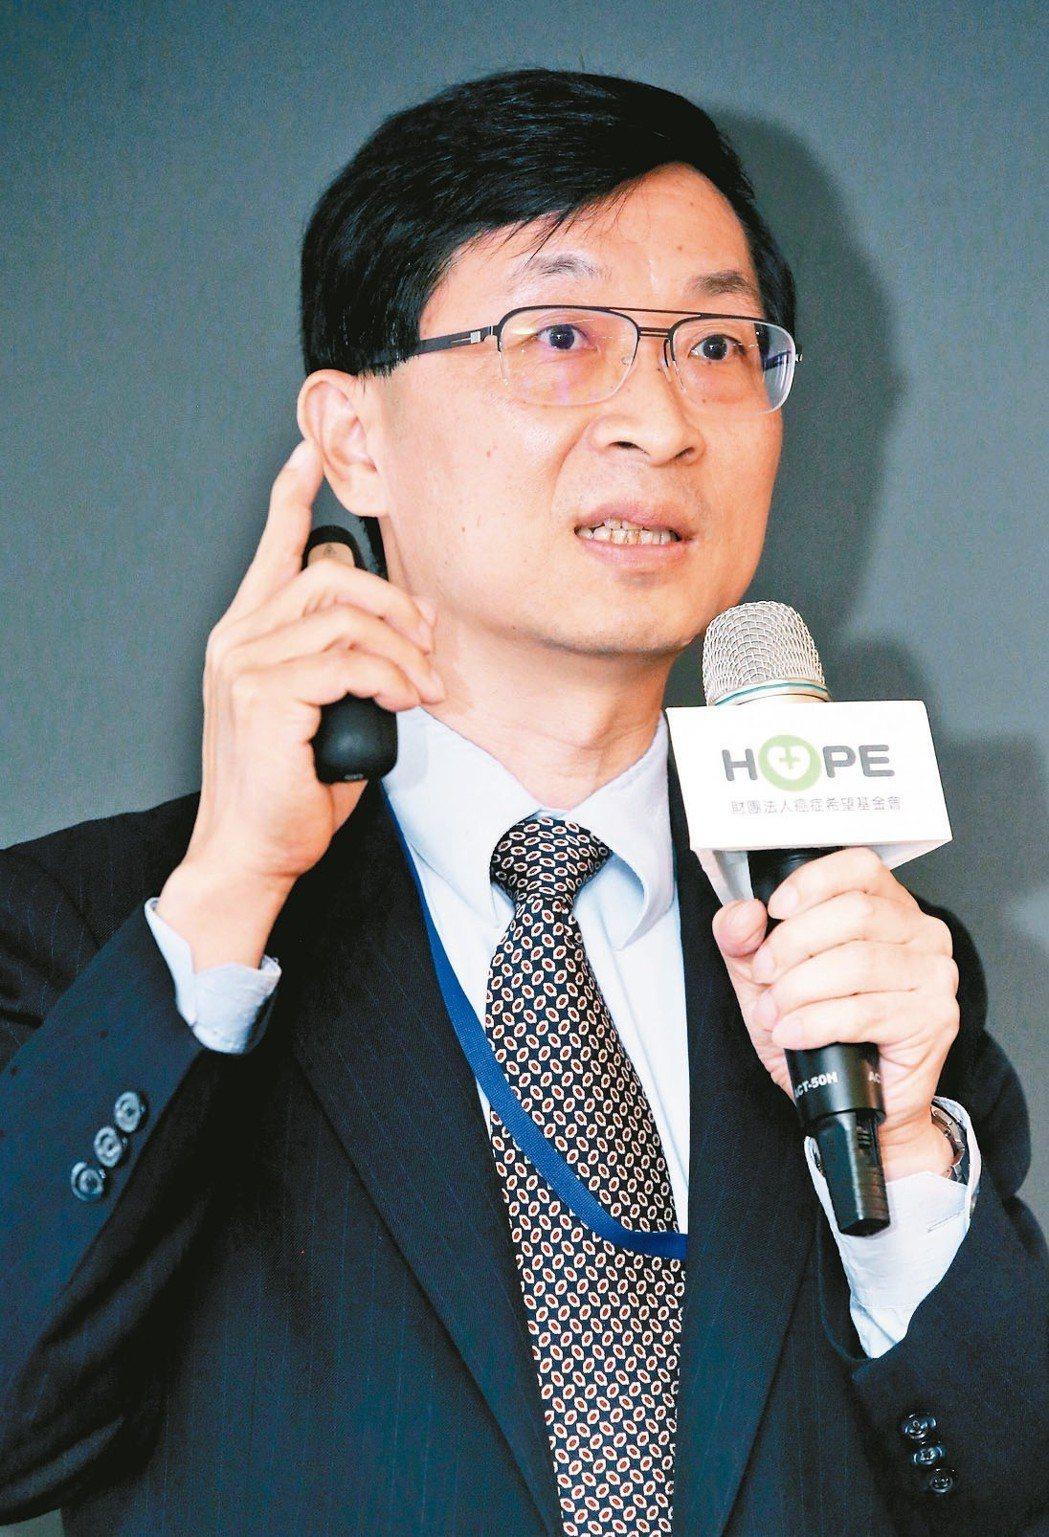 陳昌正人壽保險商業同業公會副秘書長